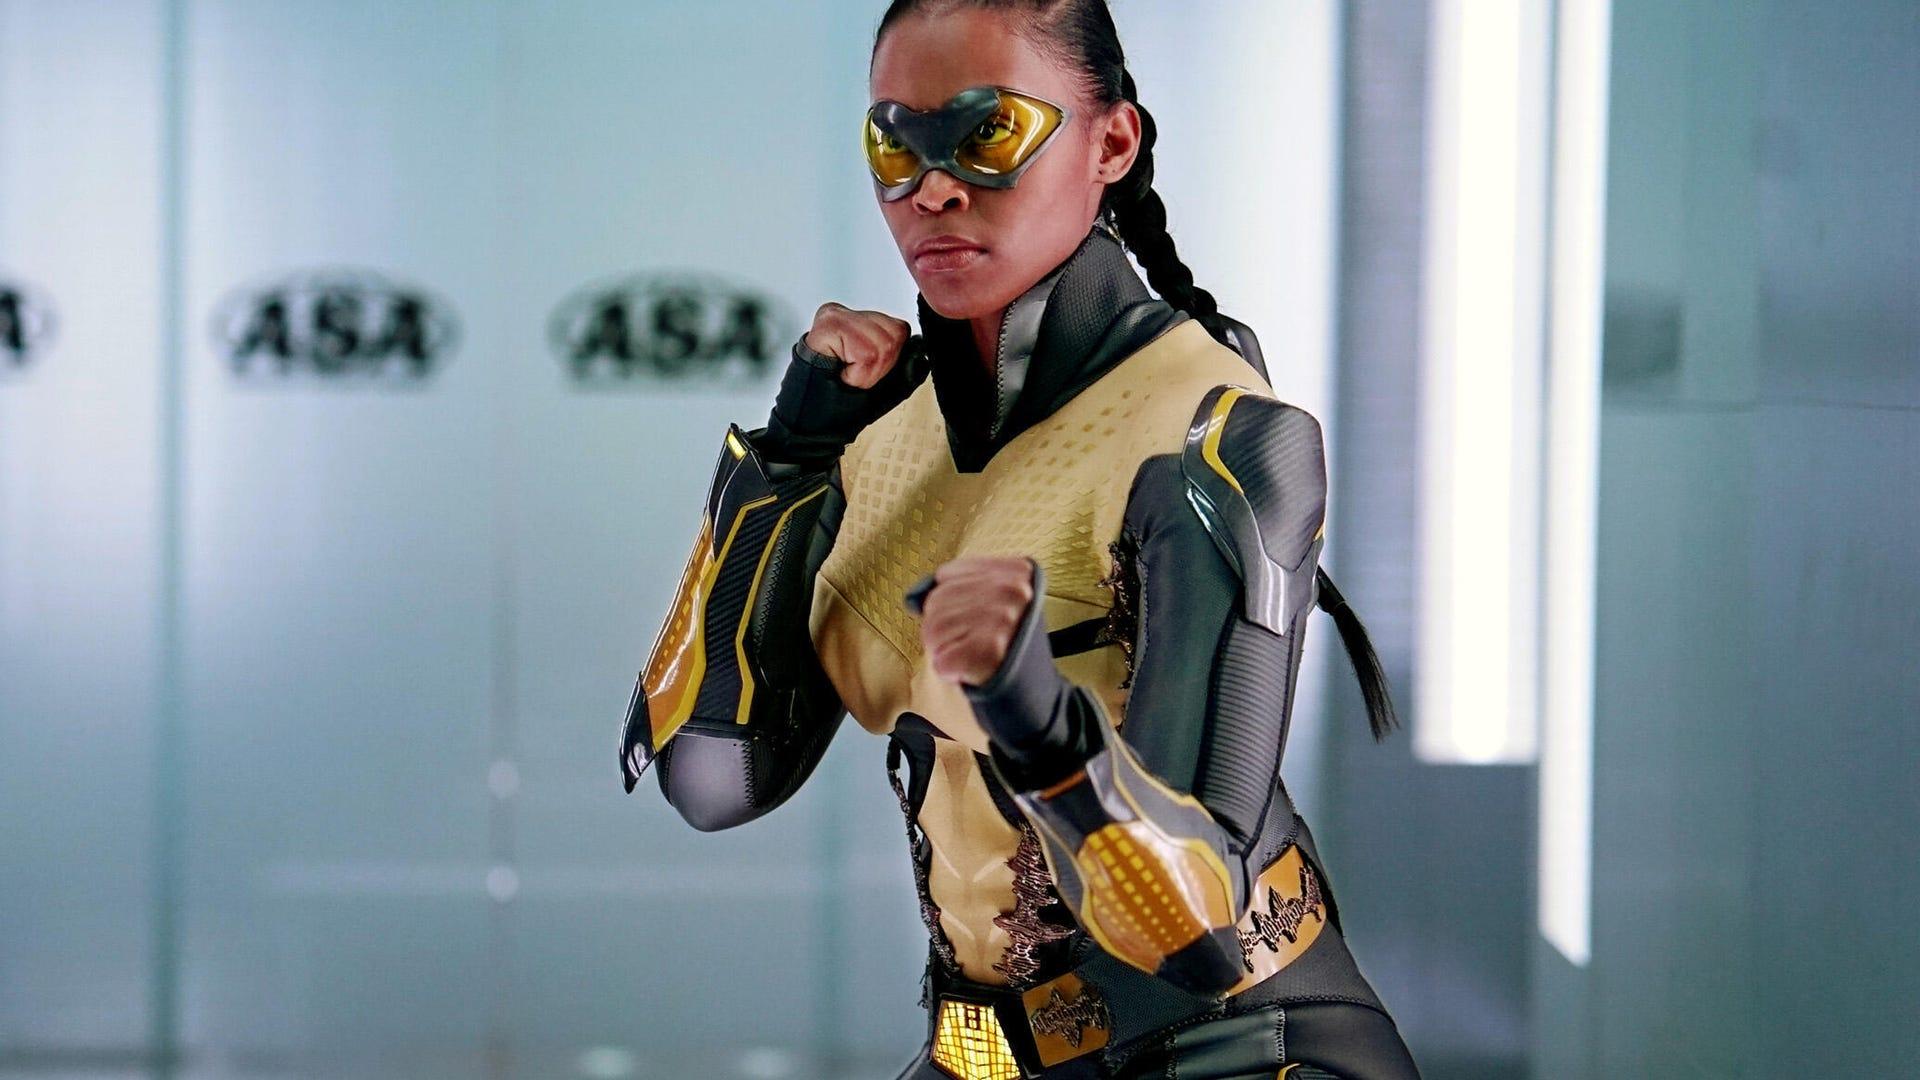 Nafessa Williams, Black Lightning